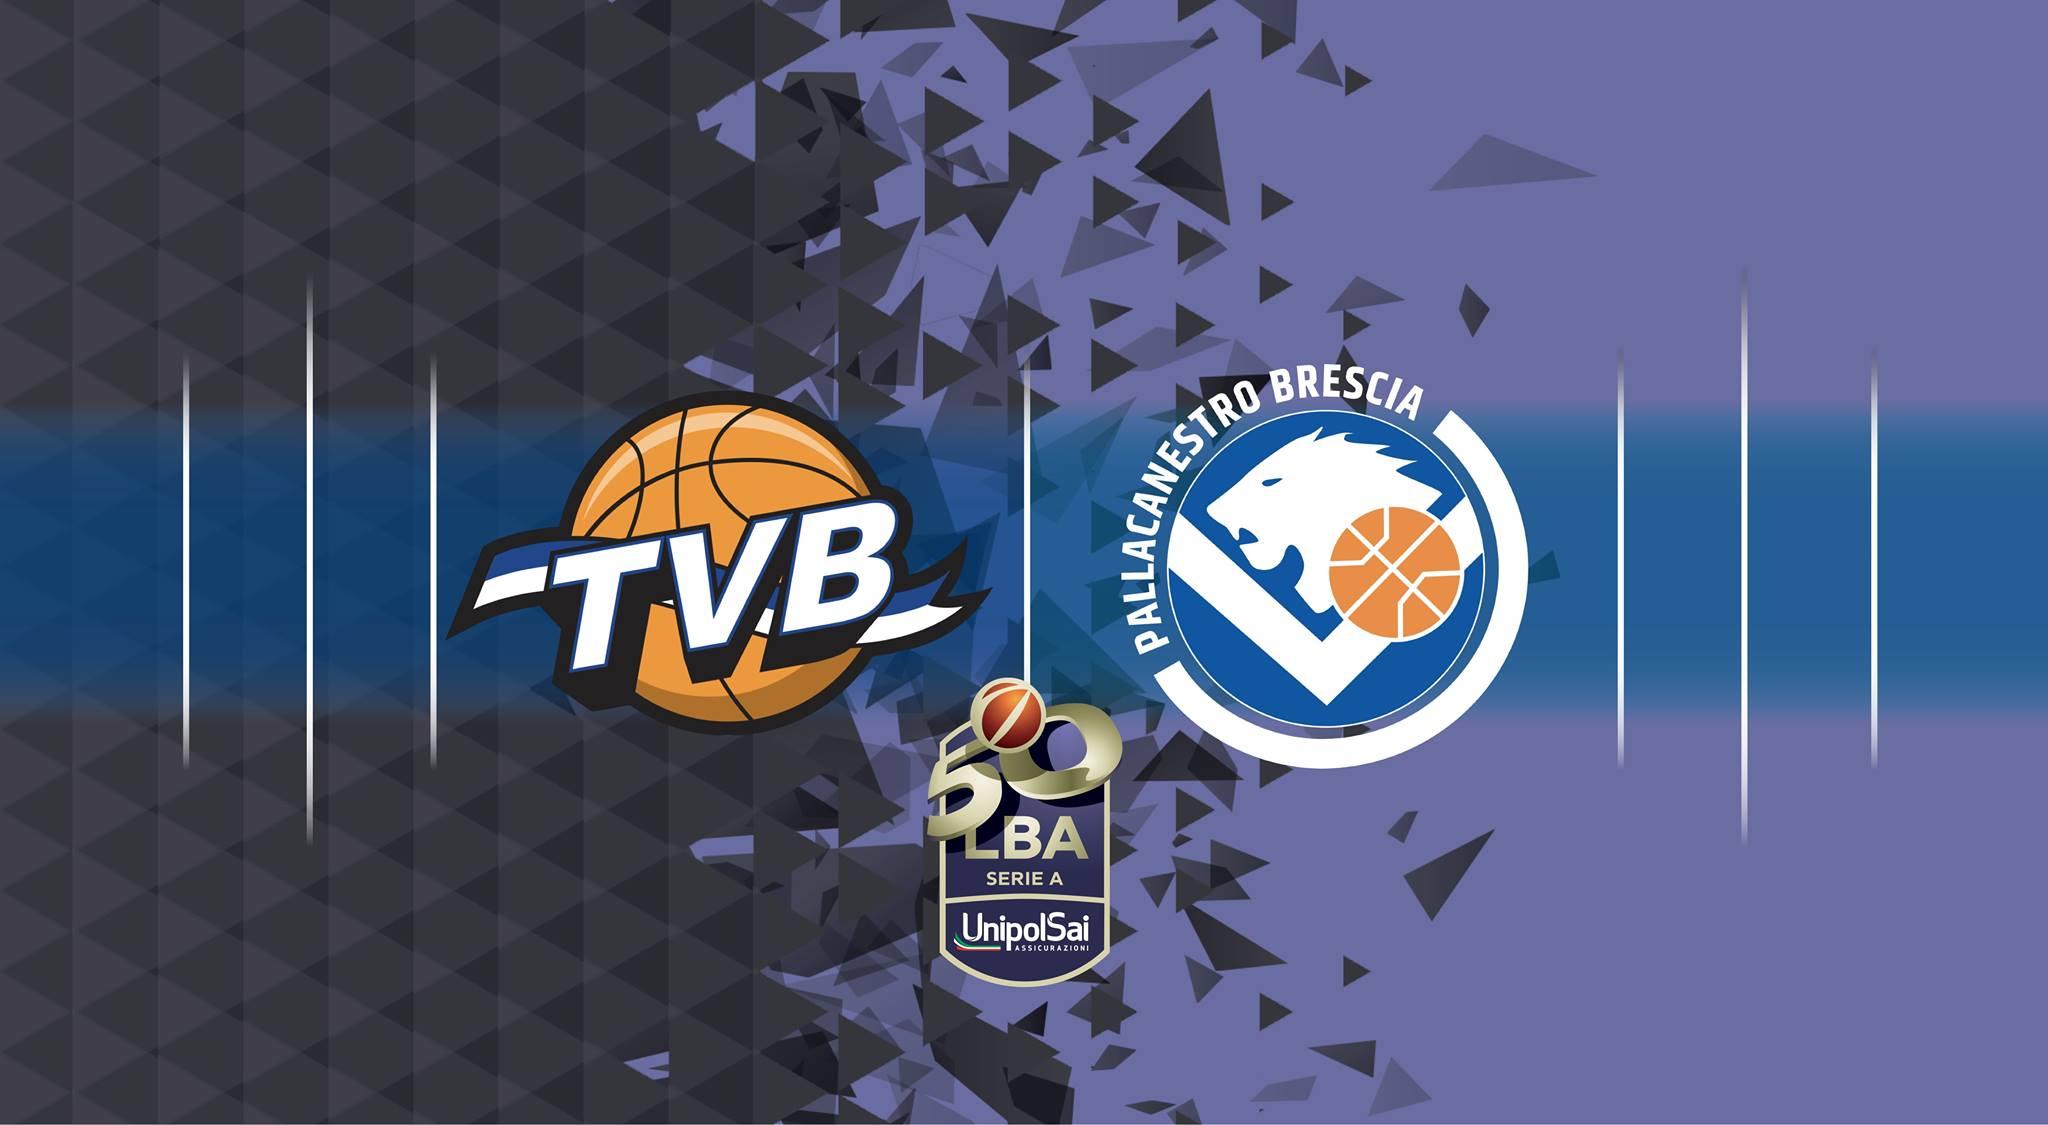 LBA Legabasket 3^ andata 2020-21: Treviso vuole punti importanti contro una Brescia che cerca continuità dopo la vittoria in Eurocup